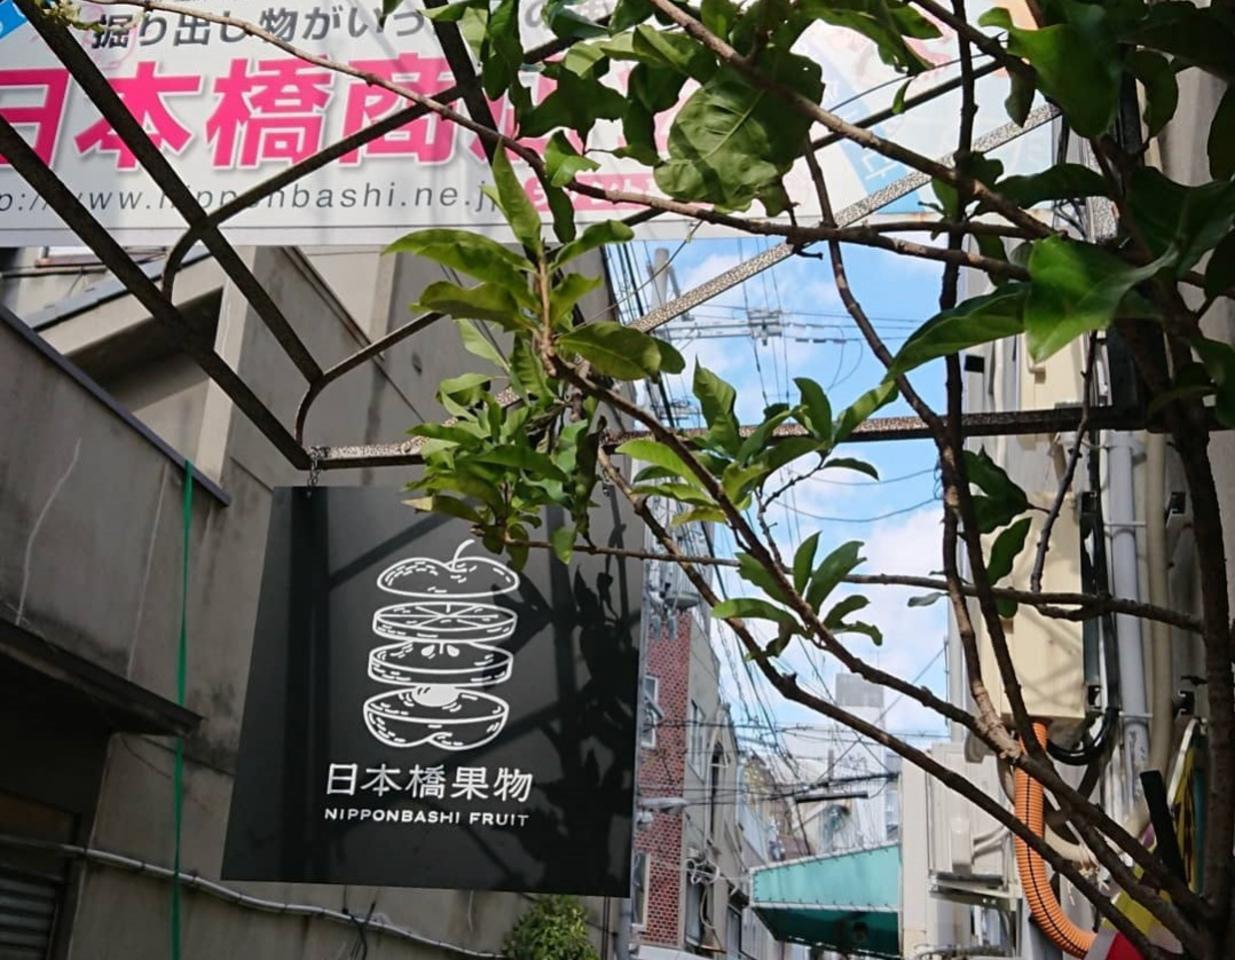 大阪市浪速区の日本橋商店会内にスィーツカフェ「日本橋果物」が11/16オープンのようです。